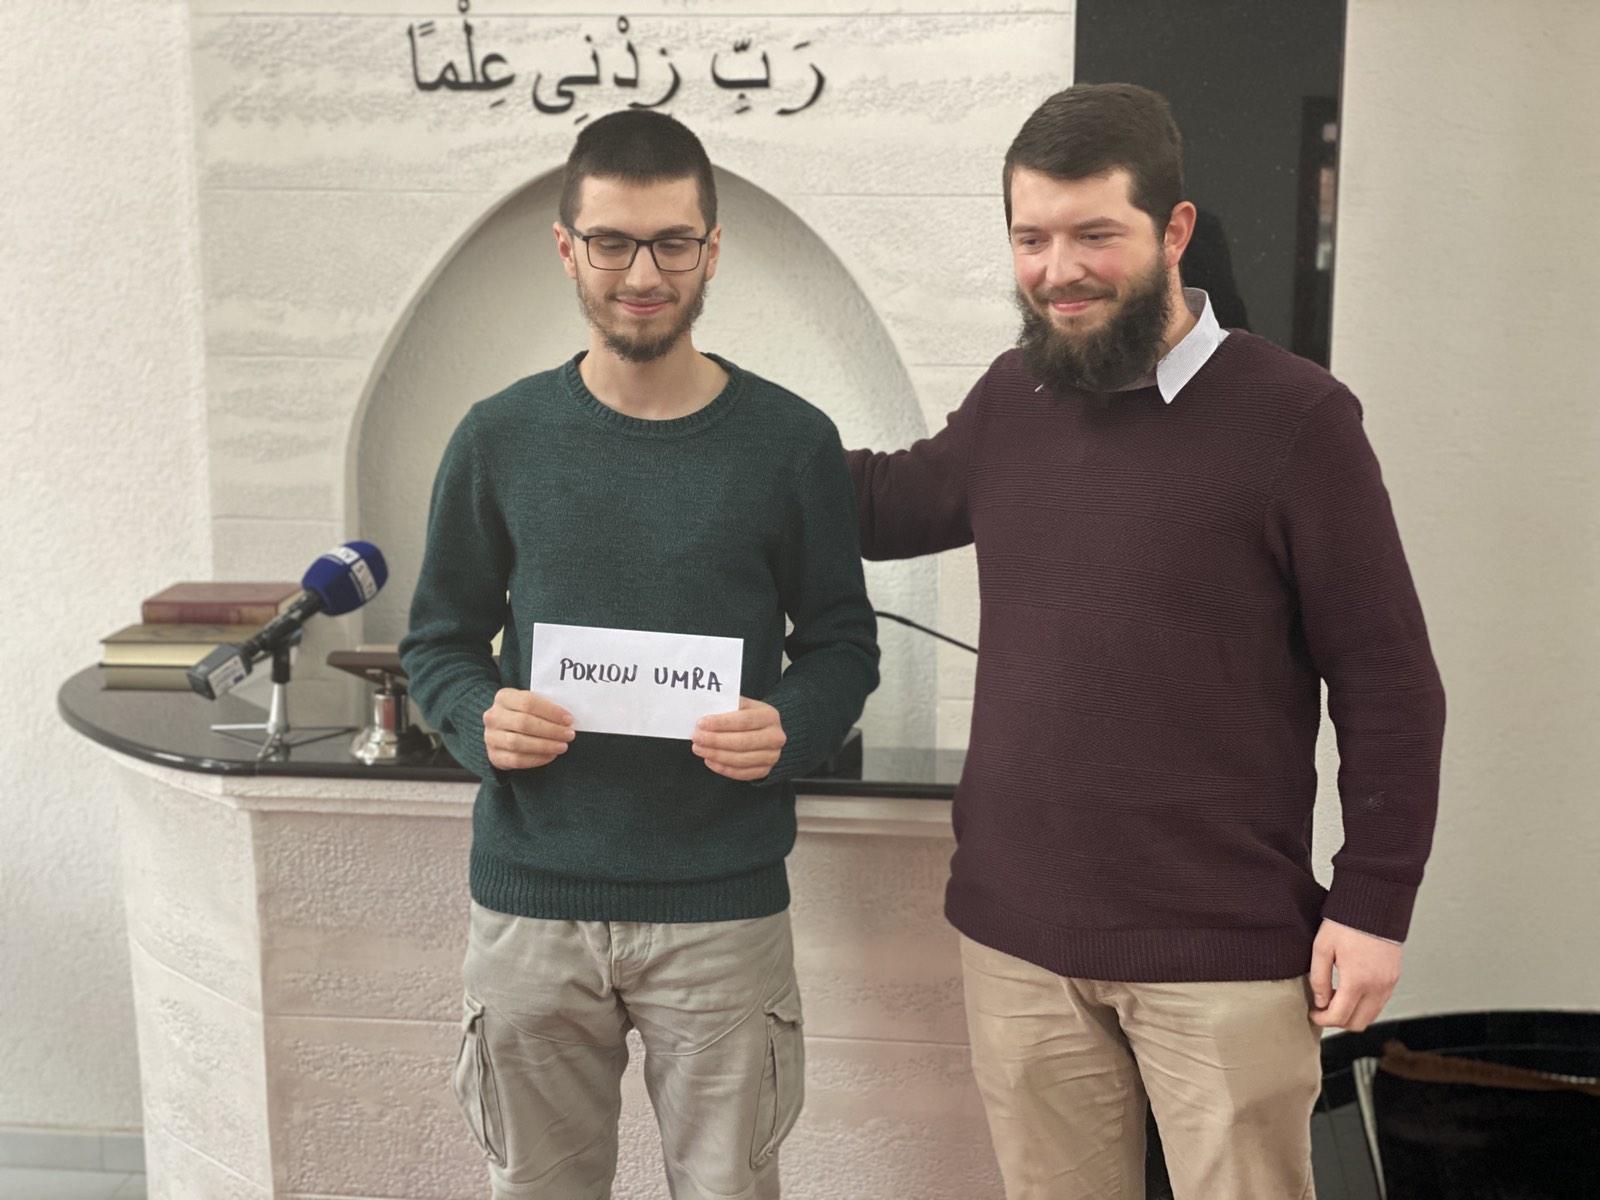 """Završen seminar: """"Komentar Allahovih lijepih imena"""" – pobjedniku odlazak na Umru"""